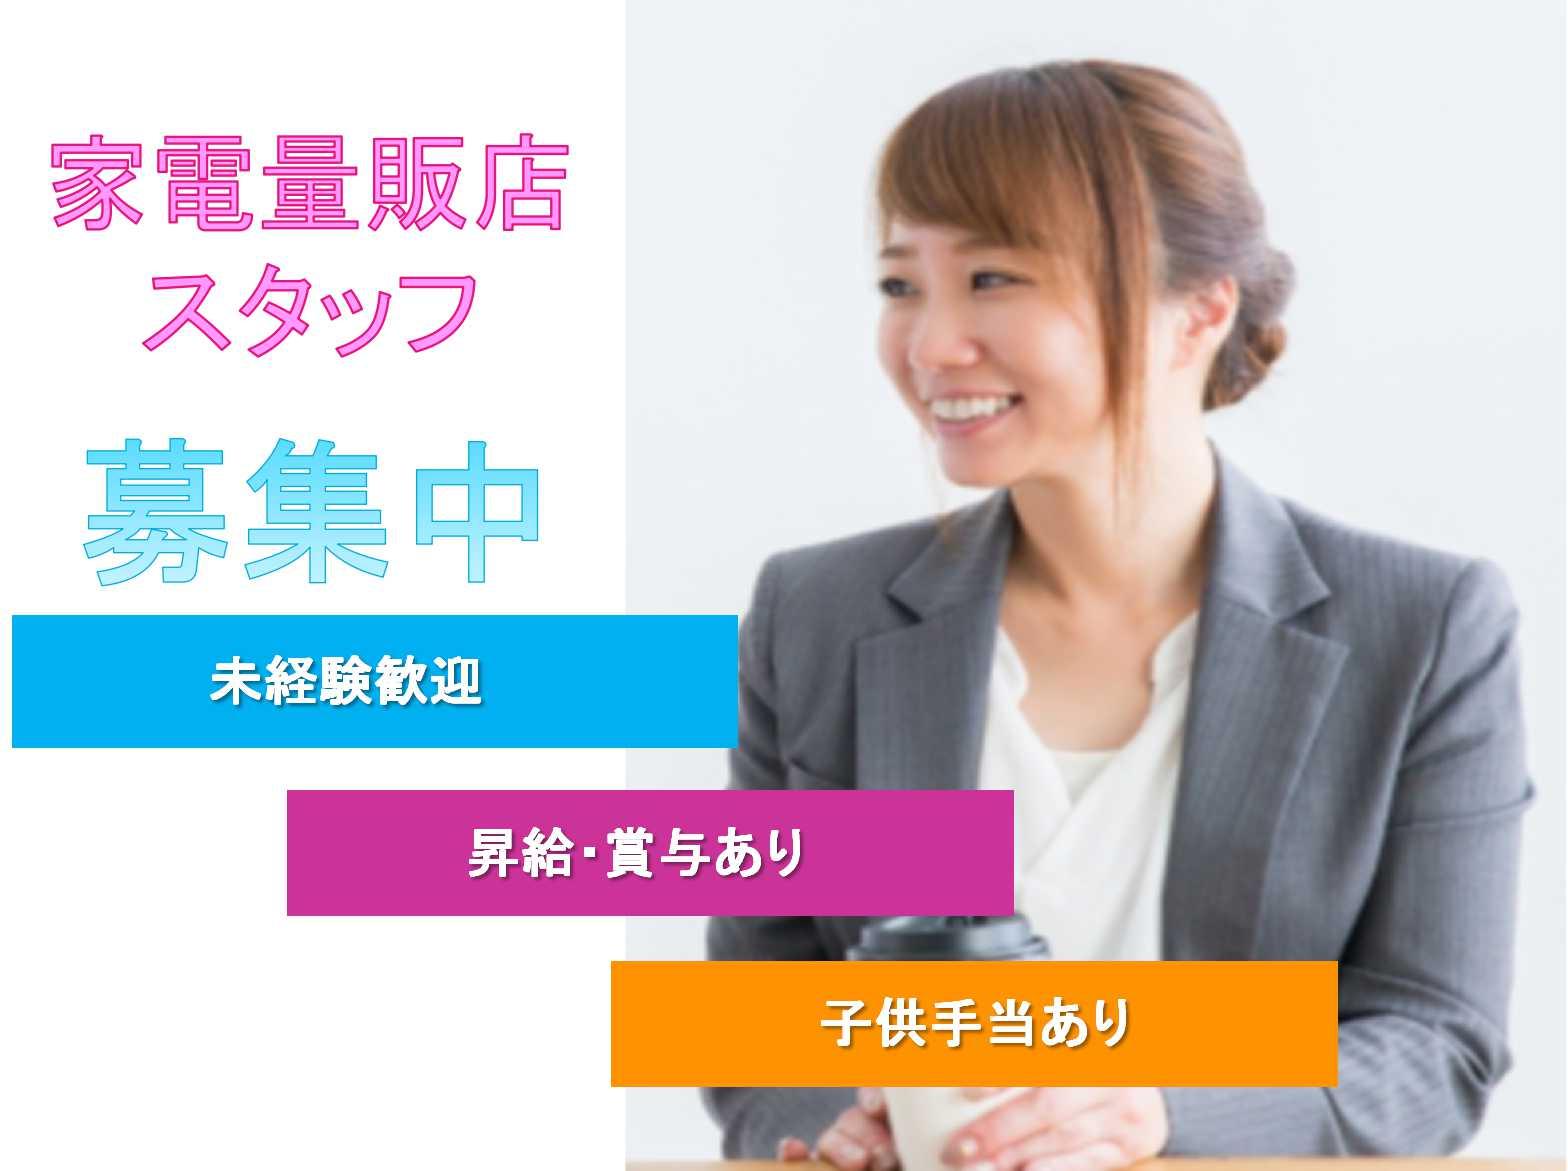 【名古屋市中川区】◆未経験歓迎◆昇給・賞与あり◆家電量販店スタッフ募集中◆ イメージ